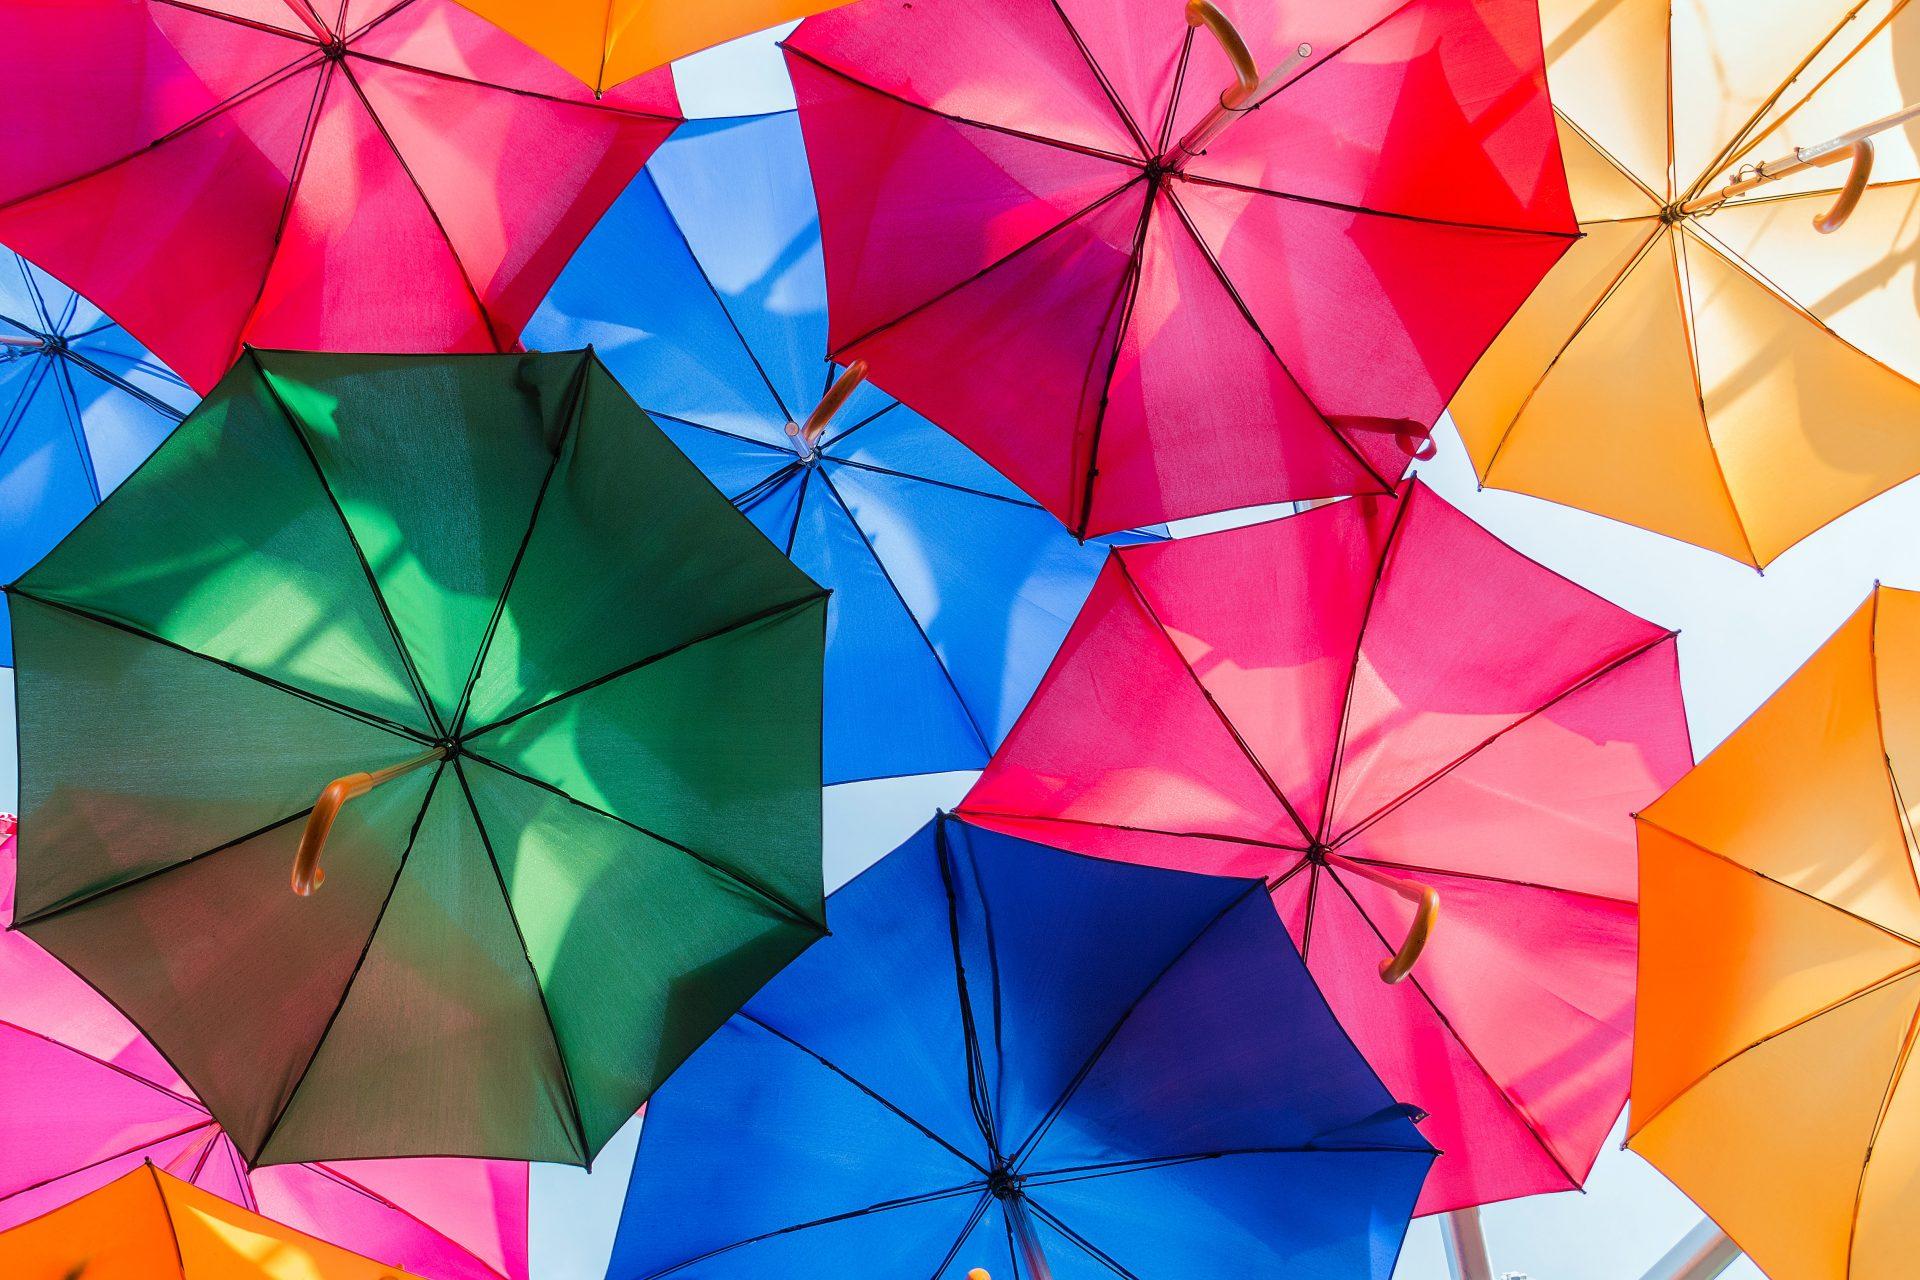 風水的におすすめの傘は?傘や傘立てのおすすめの色や柄を徹底解説。